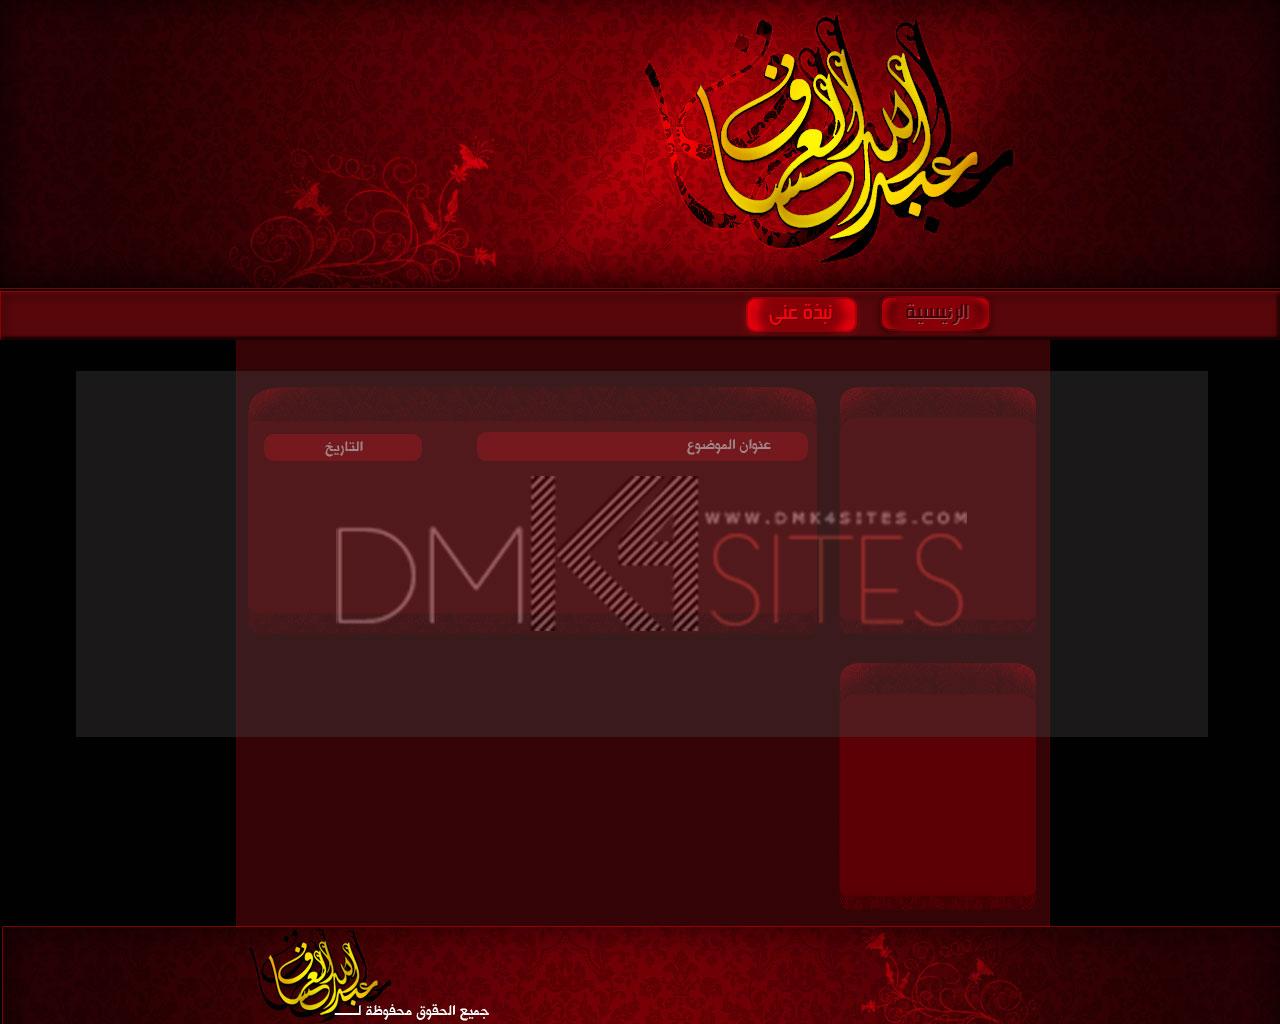 تصميم قالب ورد بريس للكاتب عبد الله العساف